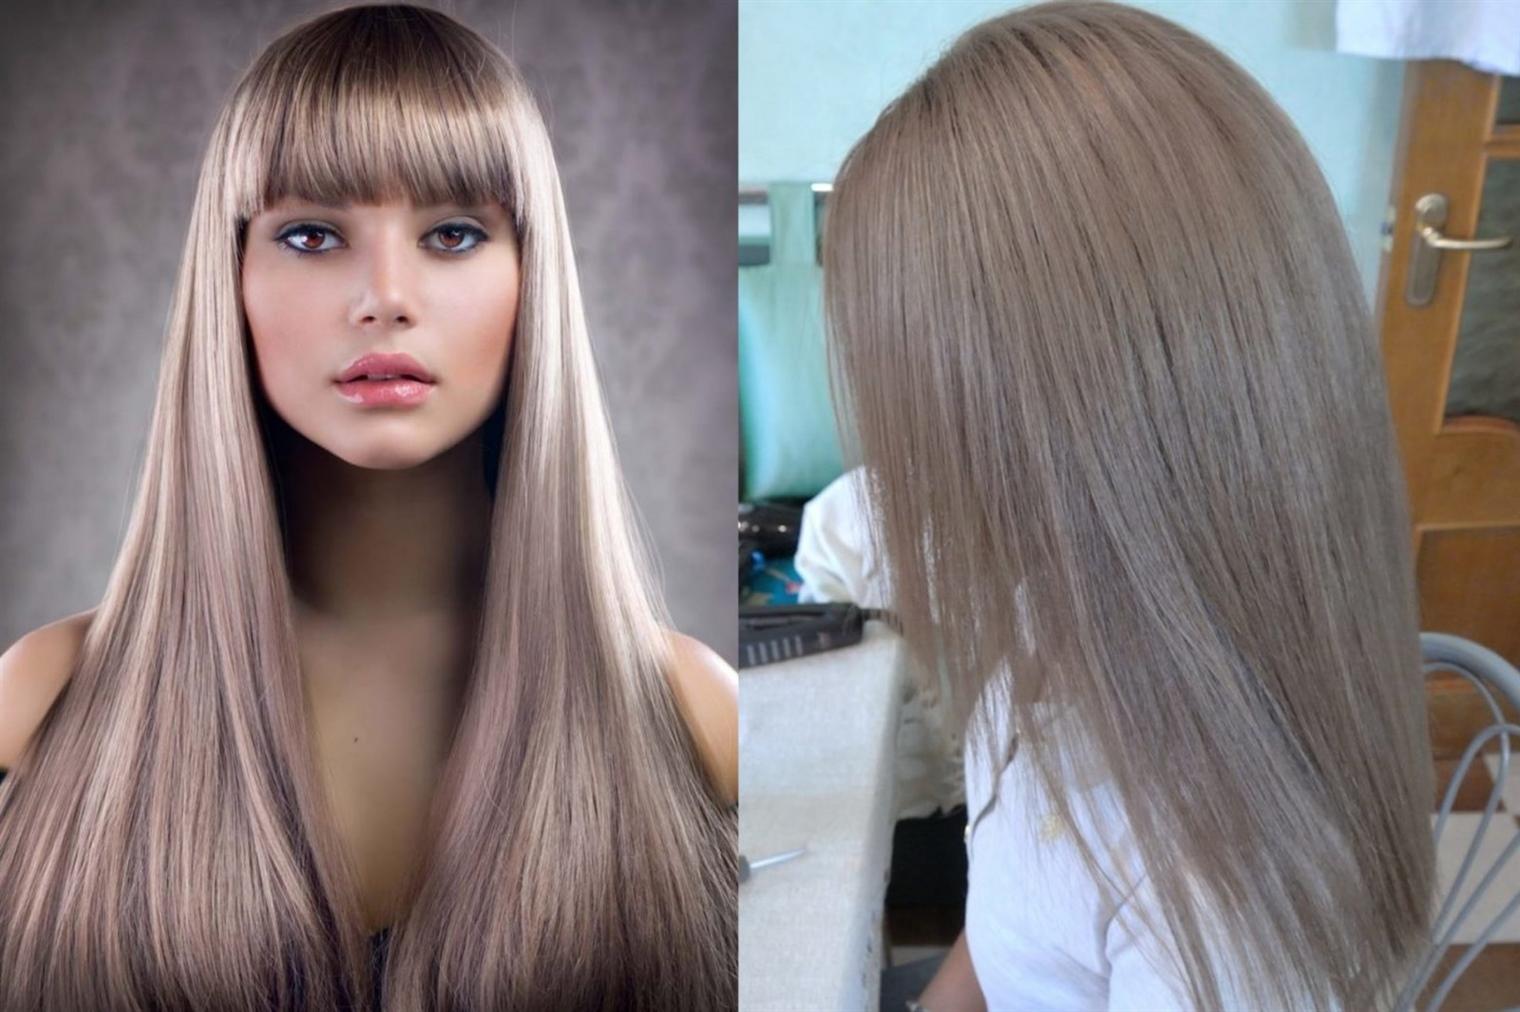 Haarfarben Trends fur Hellbraun fur Langes Haar Obwohl sehr hellbraun nicht mehr so modisch ist wie früher, wird es seinen Platz unter den Trends der neuen Ära einnehmen. Ihr langes Haar wird hellbraun funkeln und jeden umhauen.